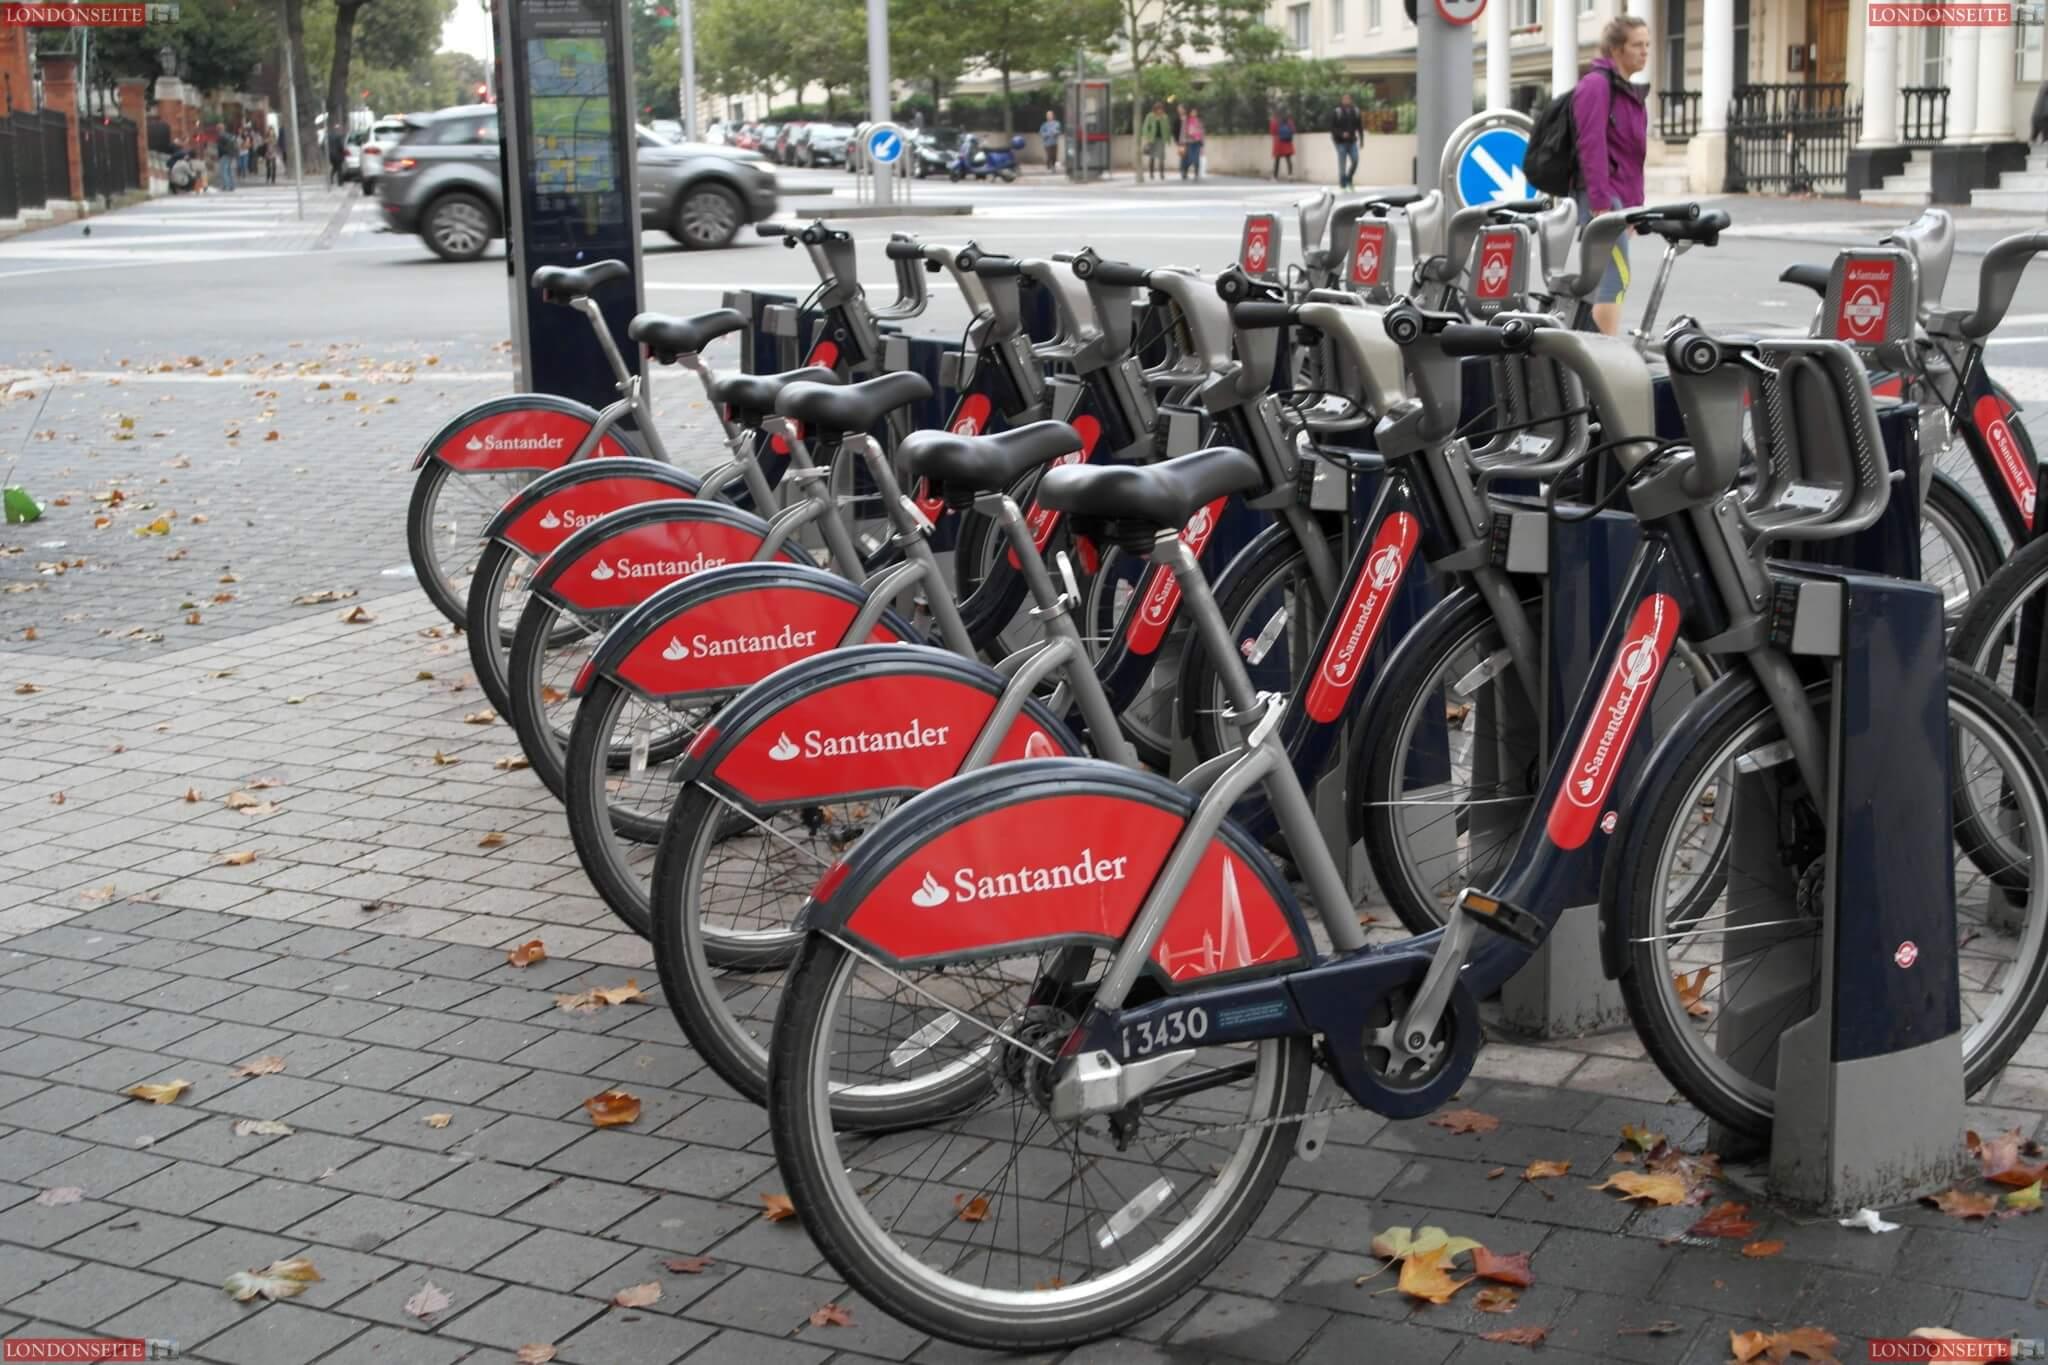 Santander Radstation